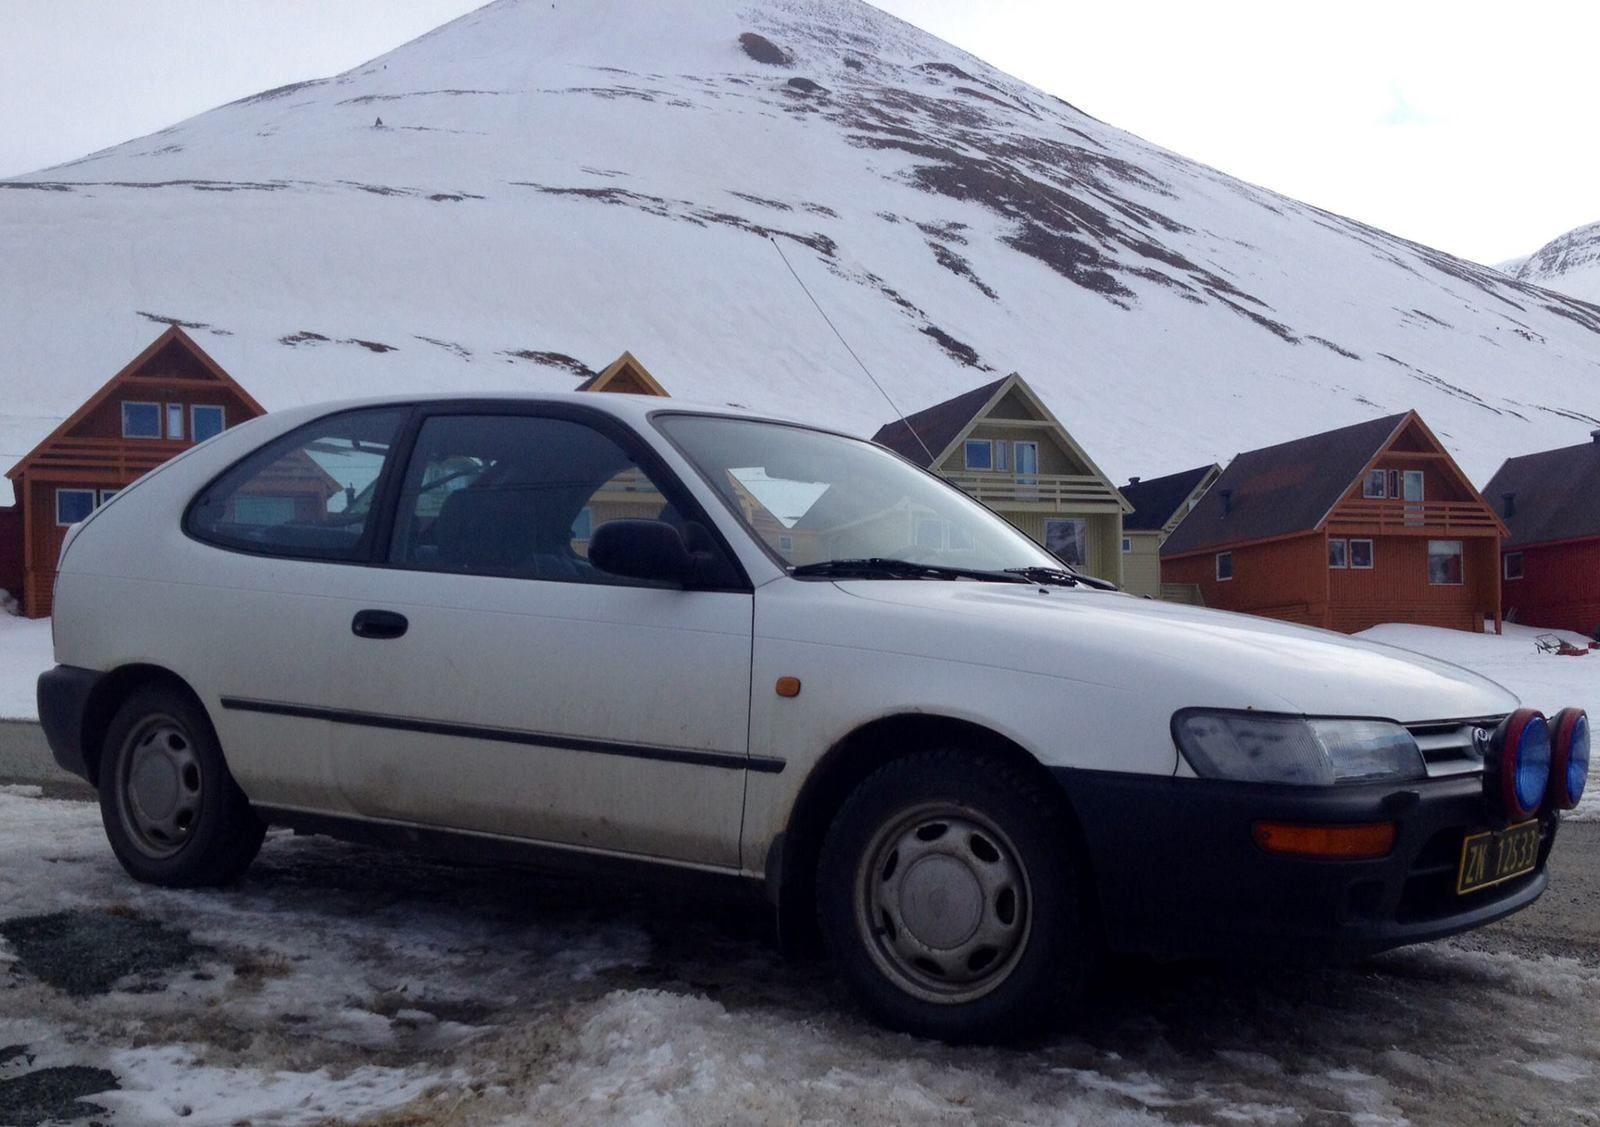 la tuture en question... modèle typique Svalbard....modèle 1993 de je ne sais même pas quelle marque !